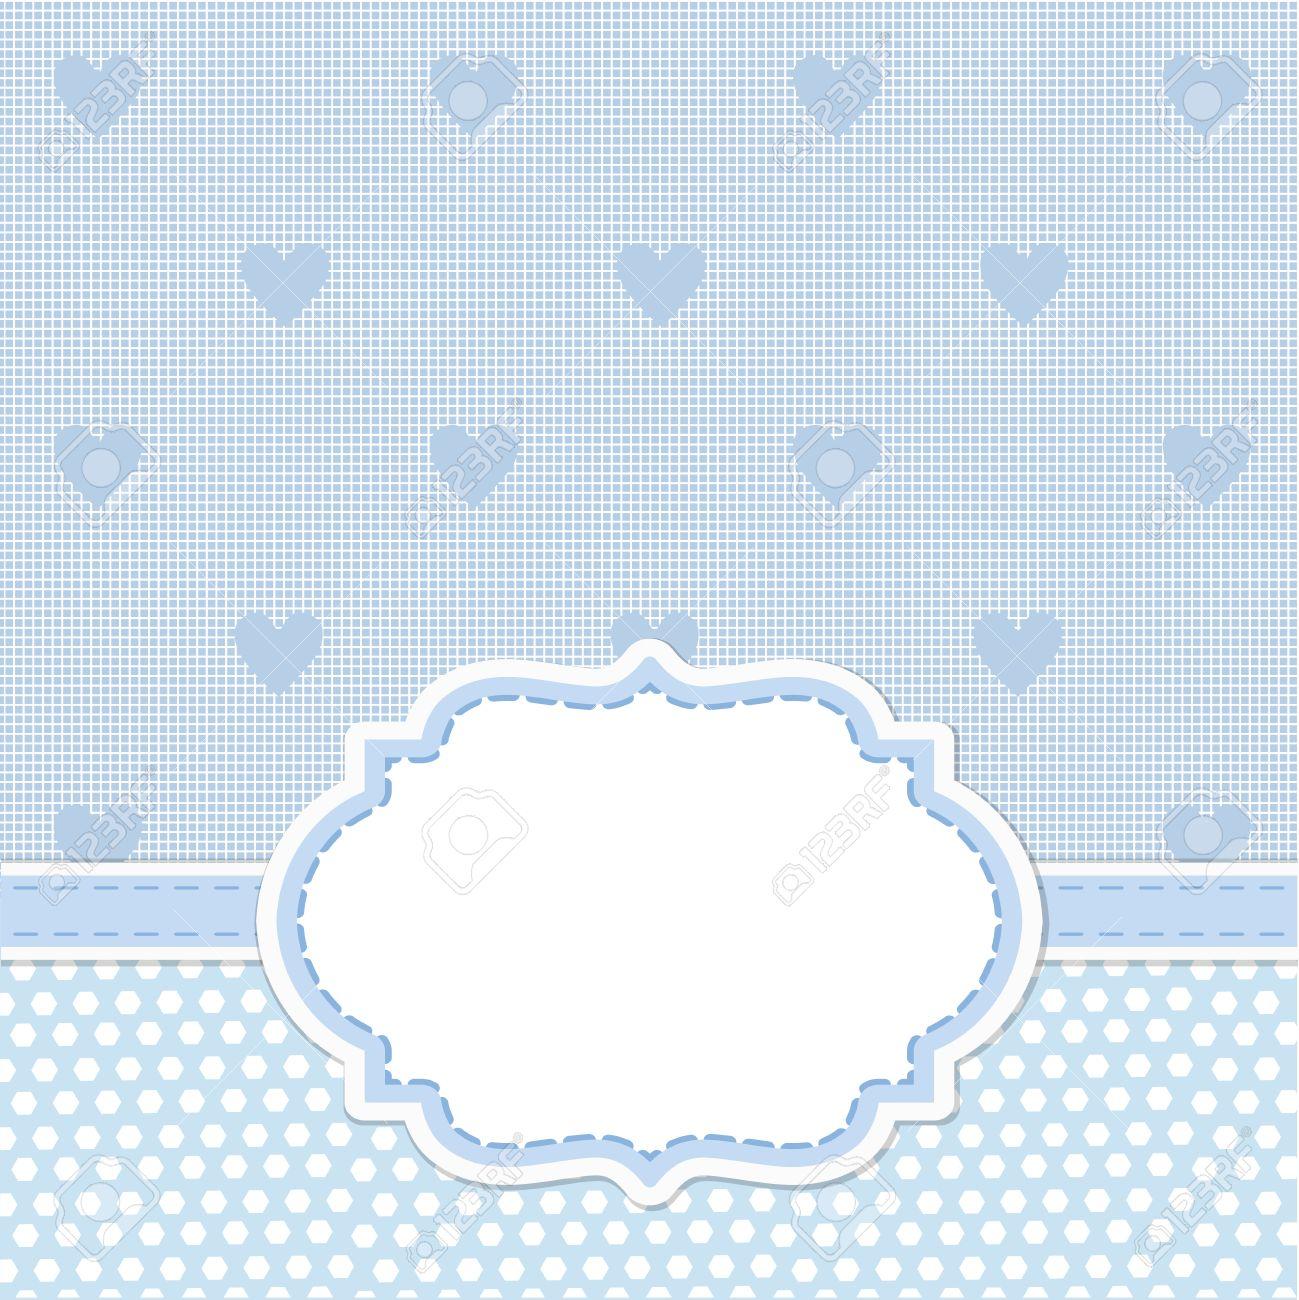 Invitación De La Tarjeta Azul Para Baby Shower Boda O Fiesta De Cumpleaños Con Rayas Blancas De Fondo Linda Con El Espacio En Blanco Para Poner Su